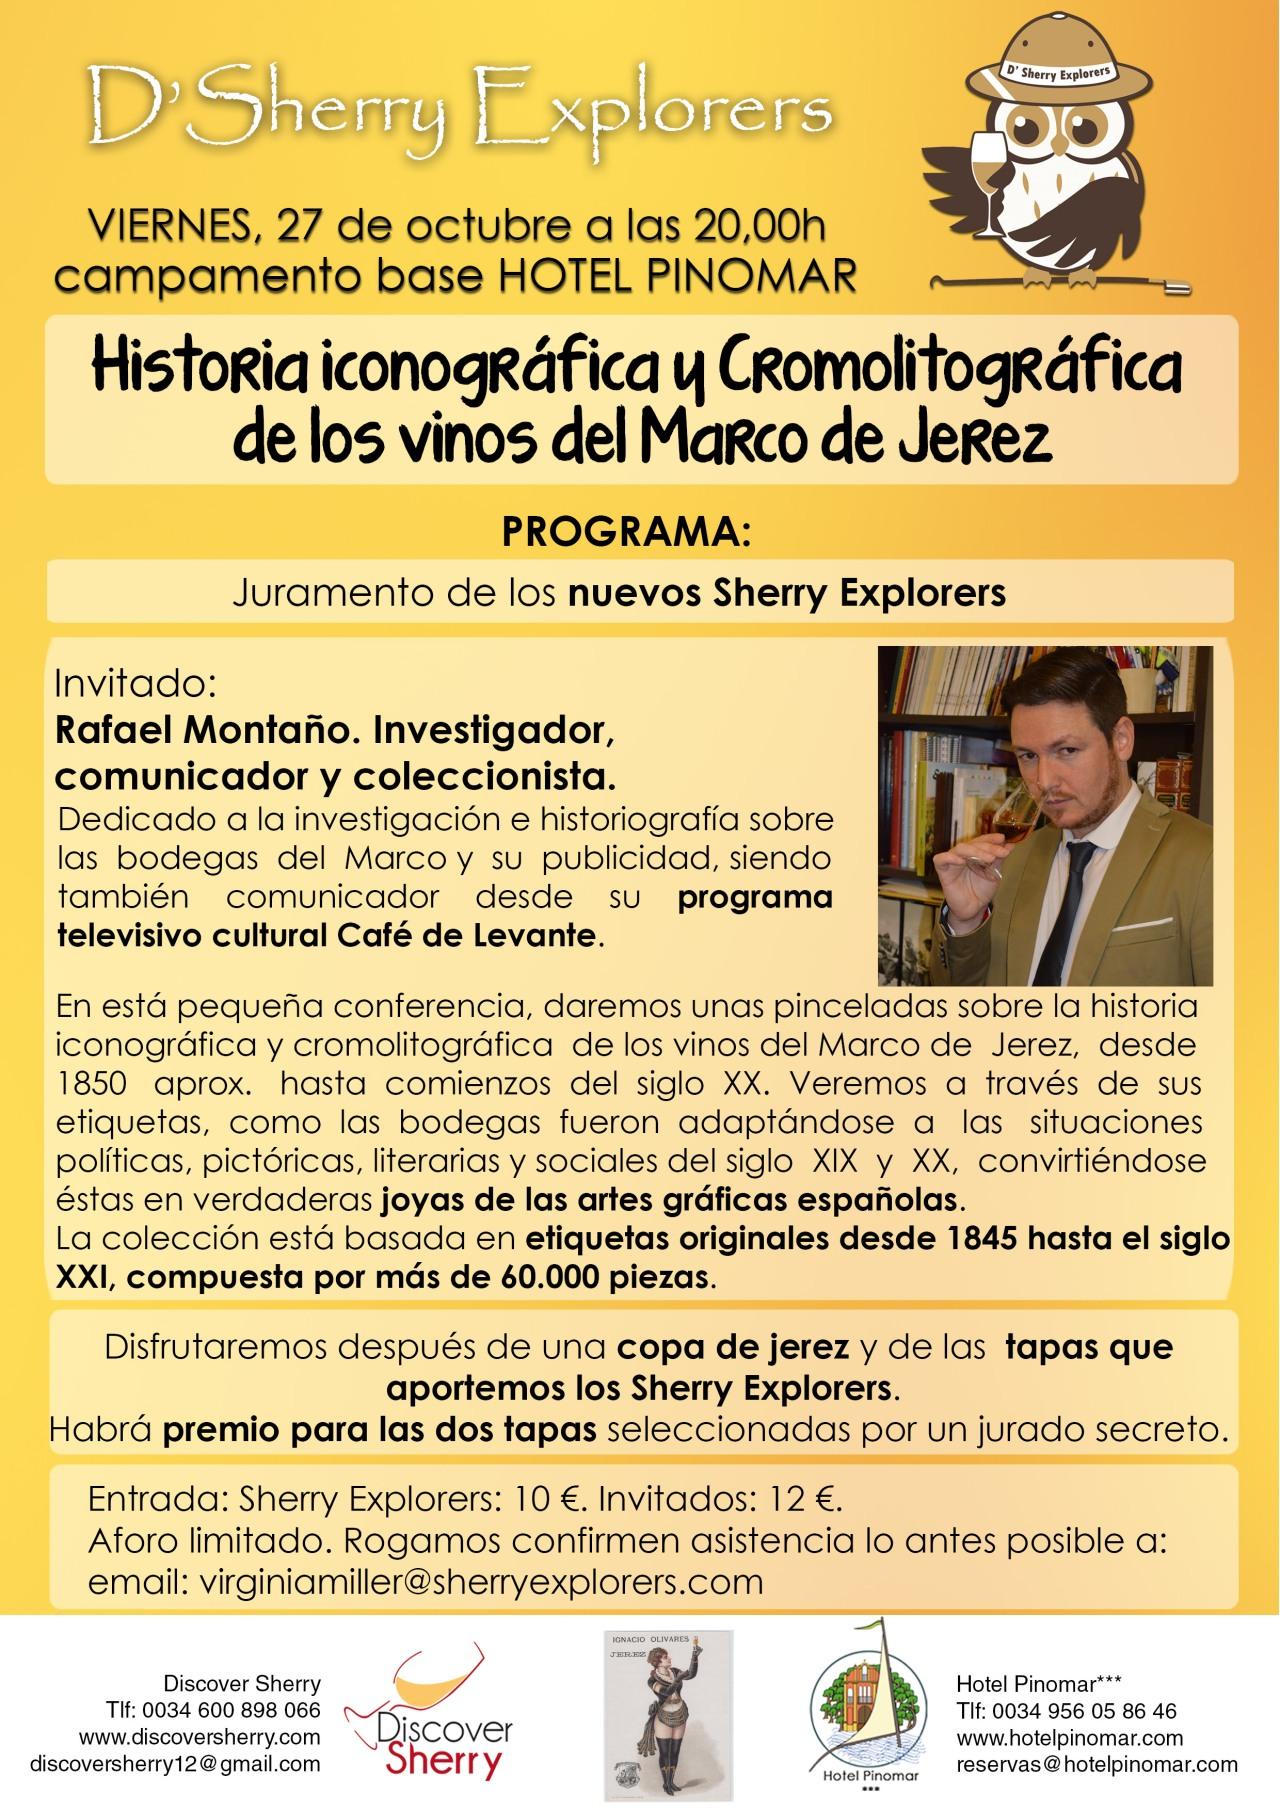 Reunión de octubre con el investigador, comunicador y coleccionista, Rafael Montaño(Spanish)